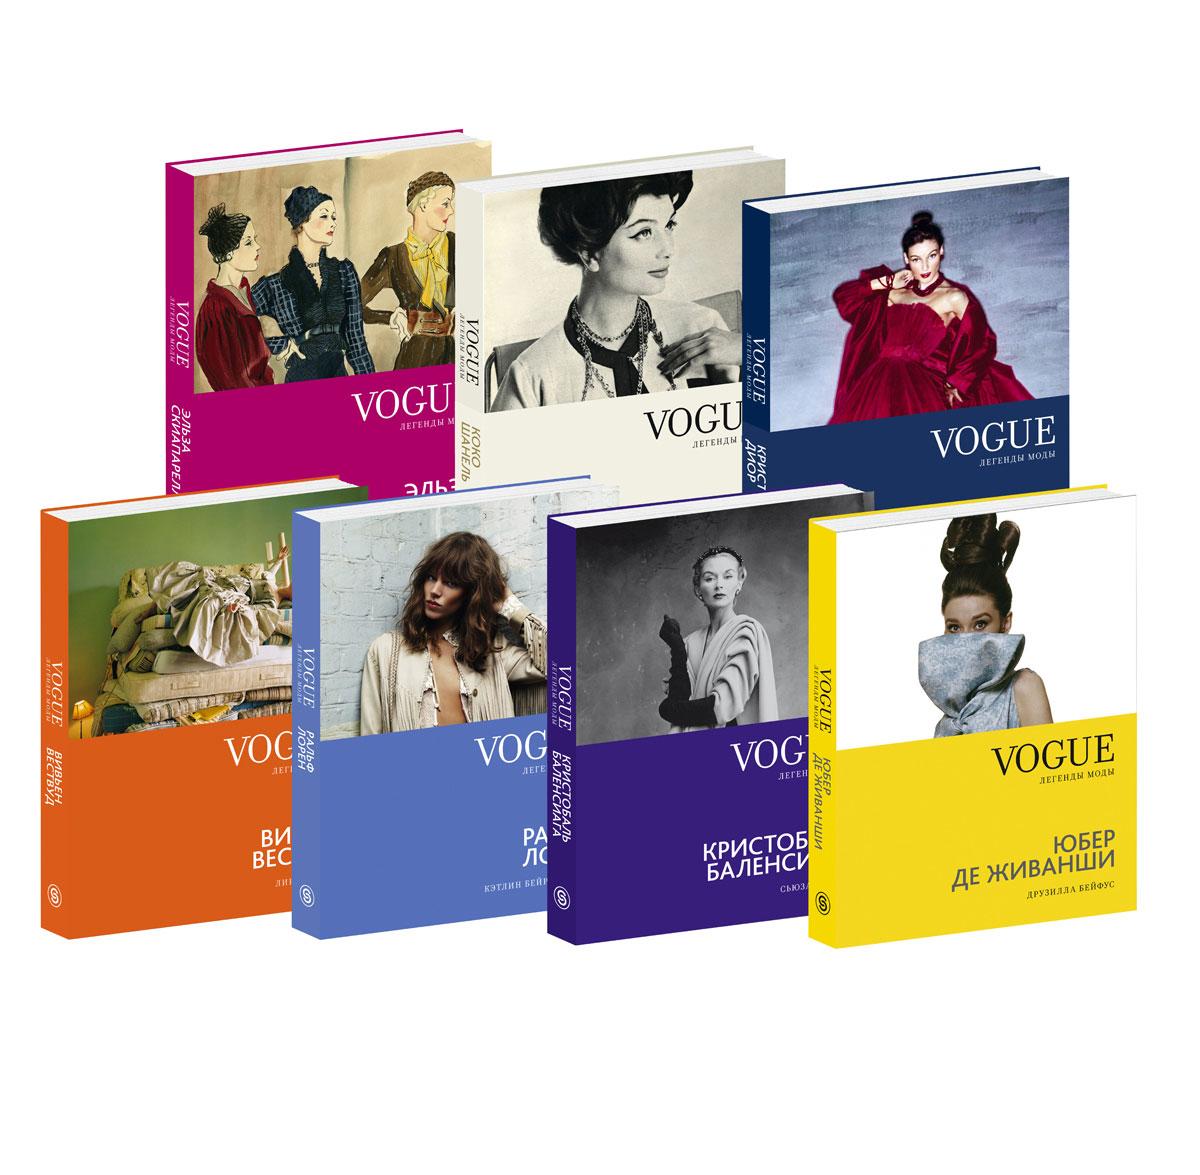 Vogue. Легенды моды (комплект из 7 книг)